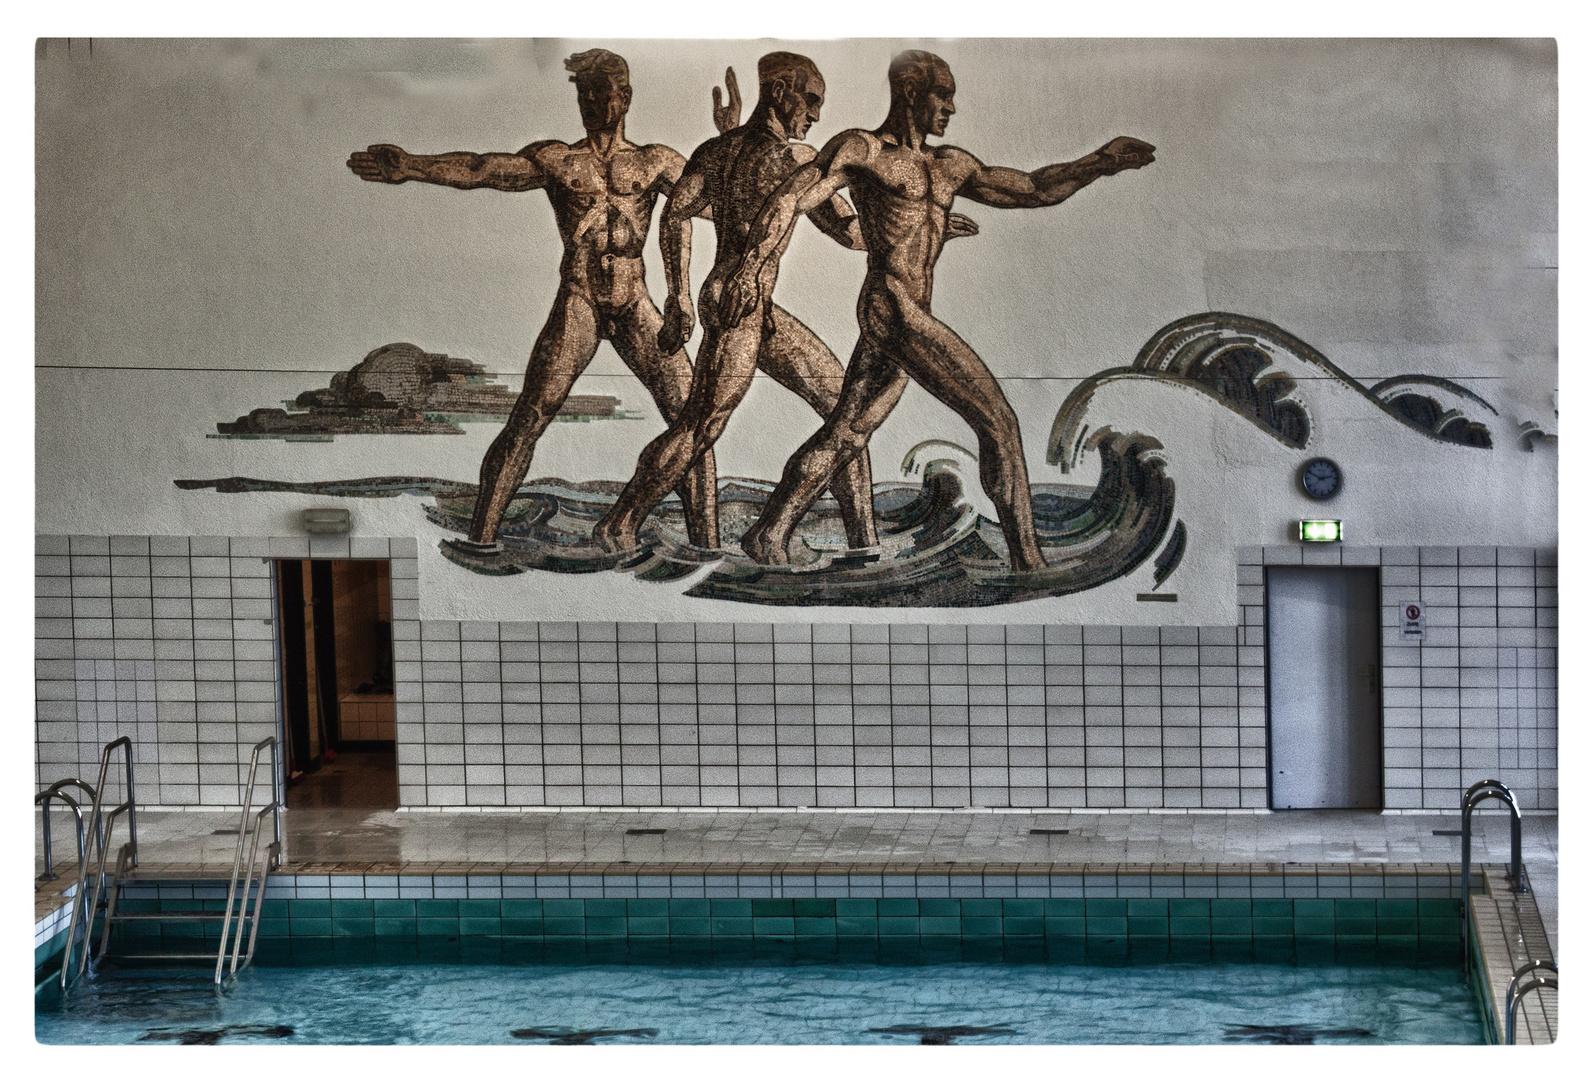 Heroisches Schwimmbad